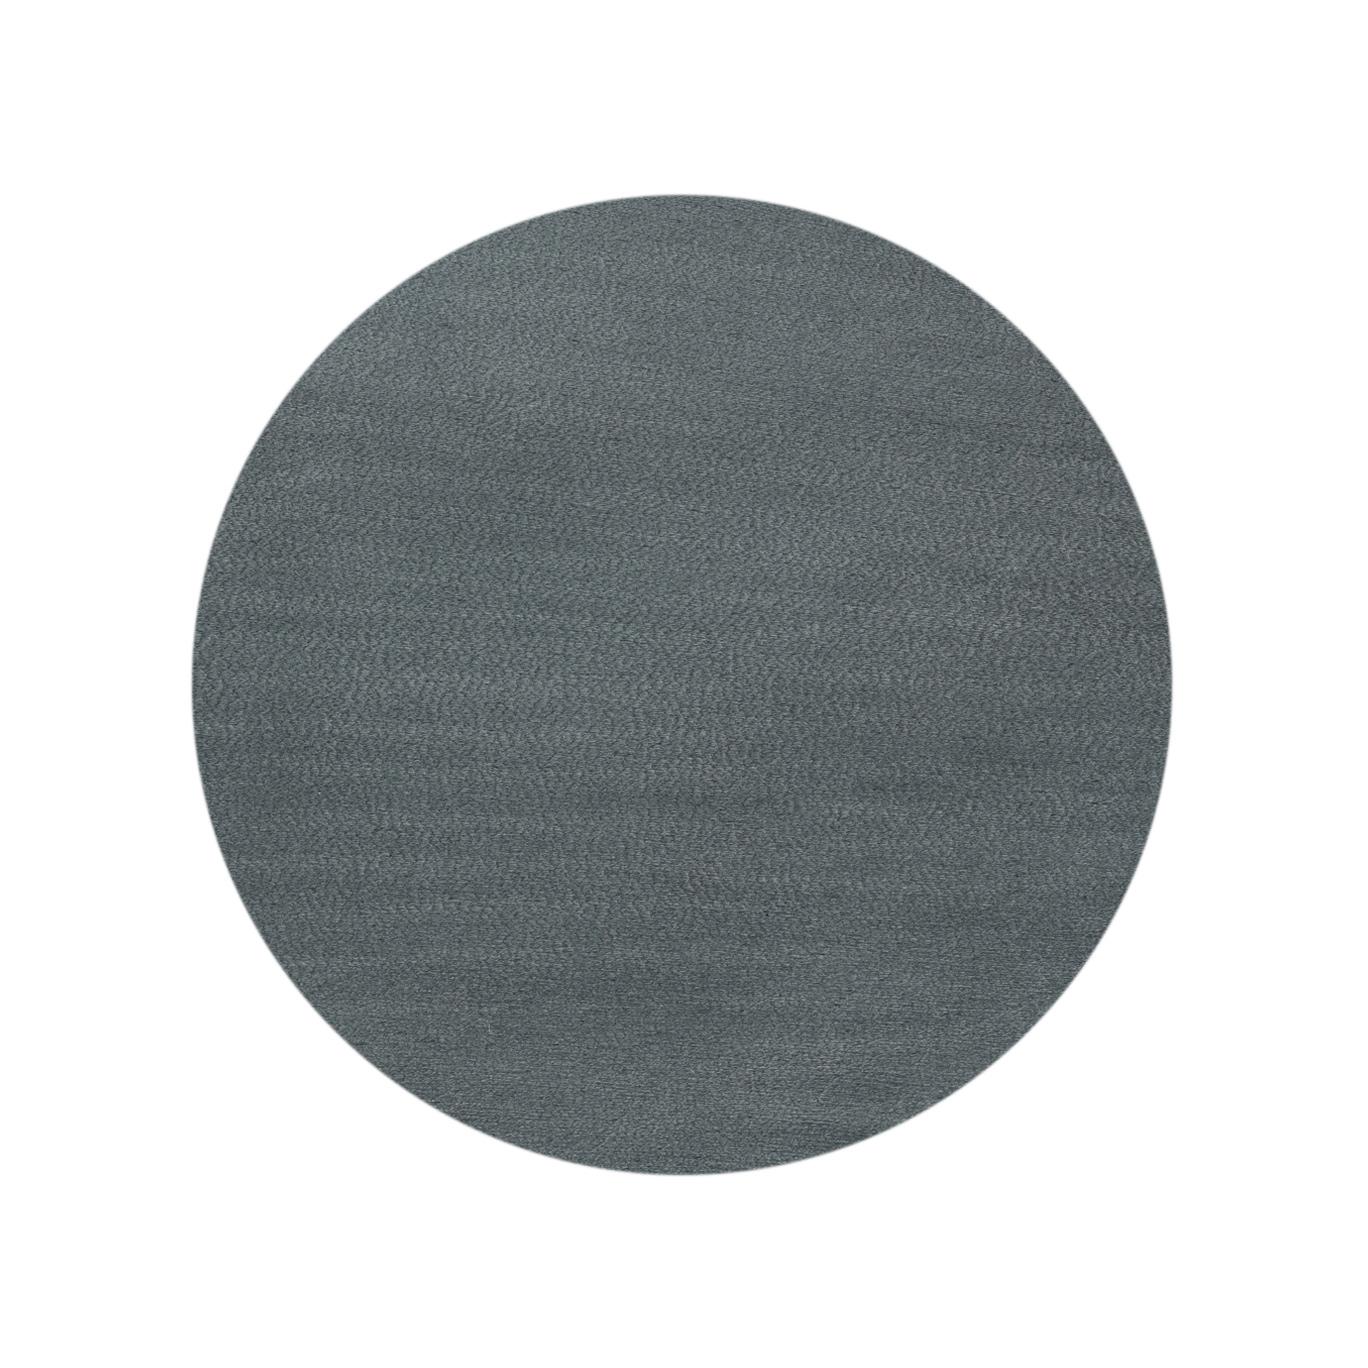 Saddle Leather - Blue Stone